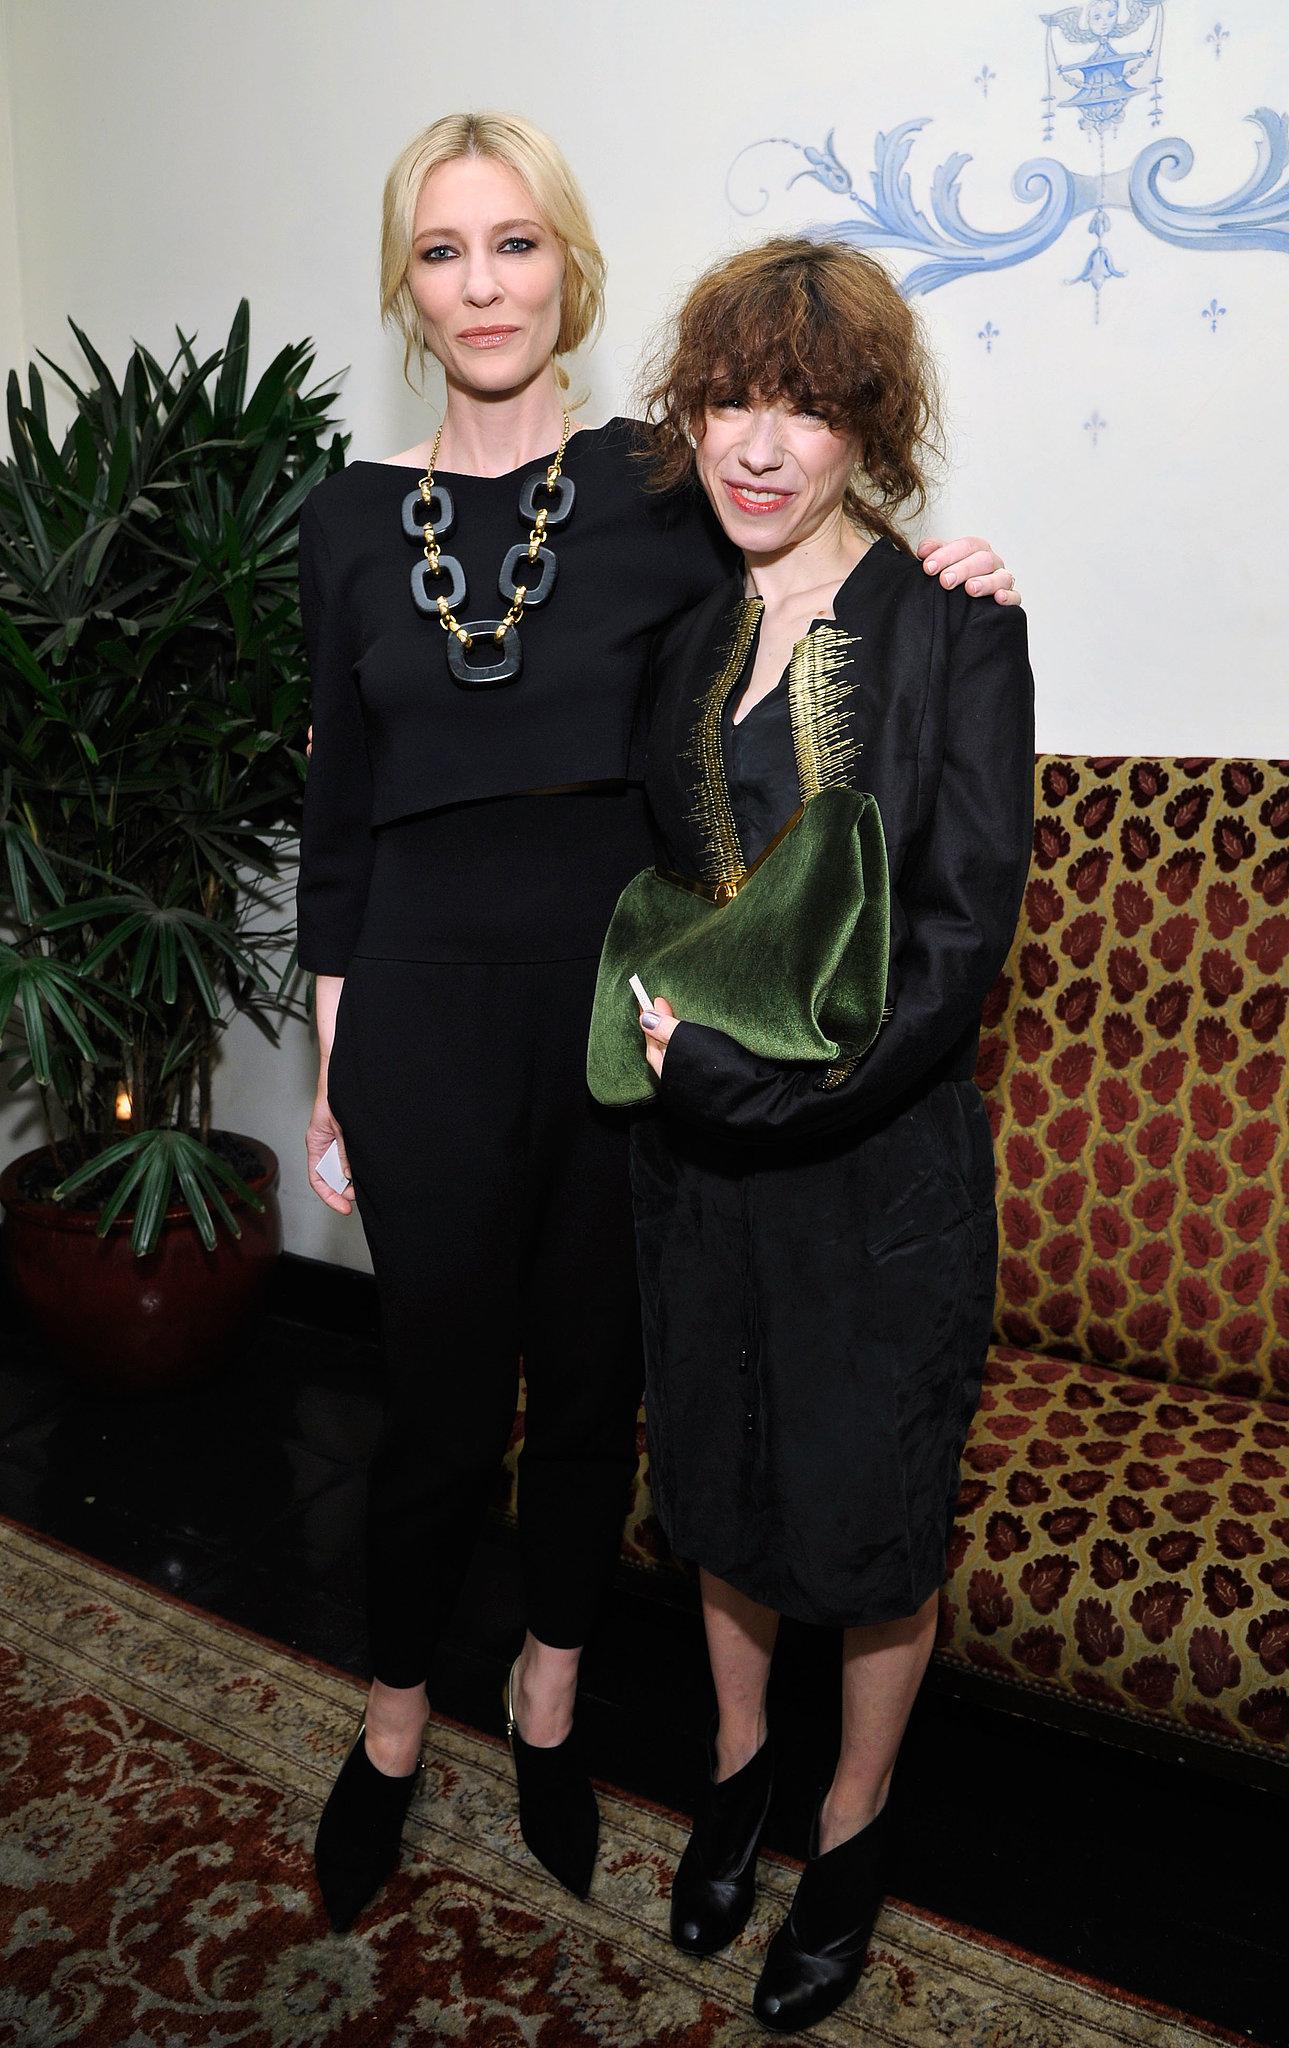 Cate Blanchett and her Blue Jasmine costar Sally Hawkins both wore black.